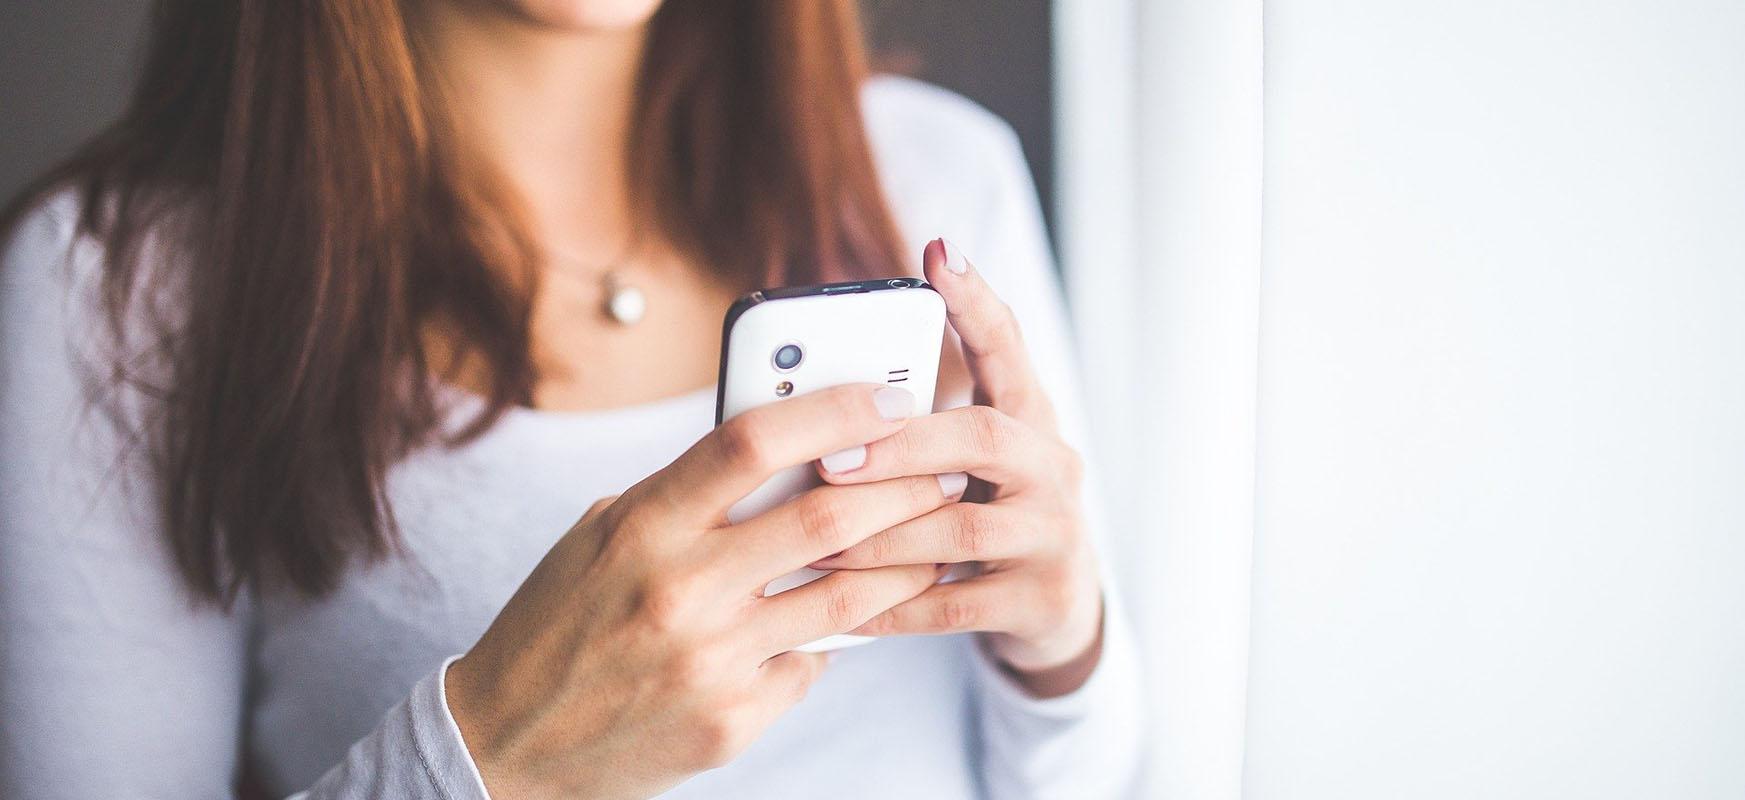 Google SMS aplikazioak SMSak ausaz ezabatuko ditu.  Kontuz ibiltzea gomendatzen dizugu